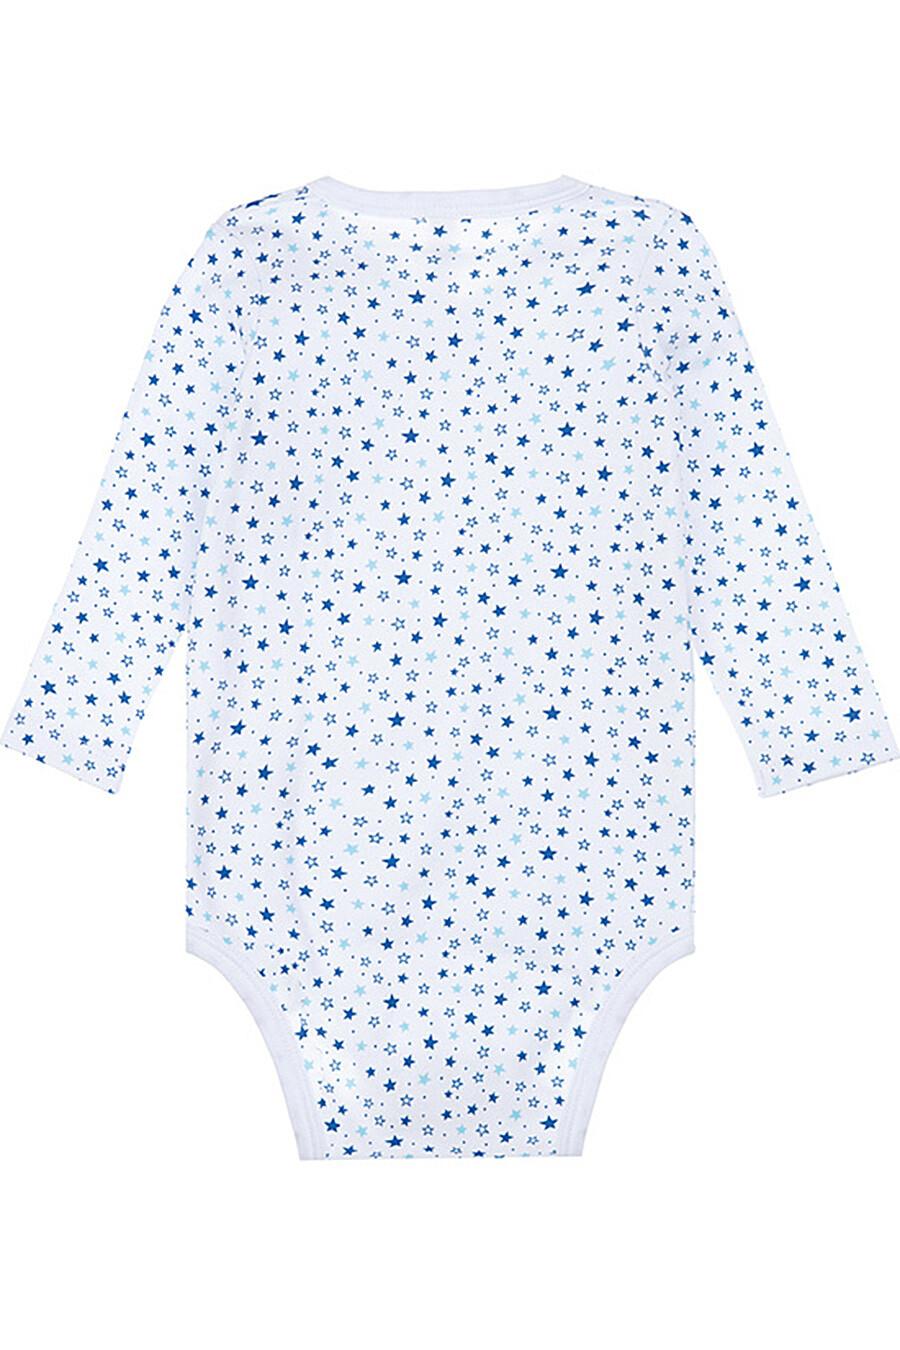 Боди 2 шт. для мальчиков PLAYTODAY 289441 купить оптом от производителя. Совместная покупка детской одежды в OptMoyo